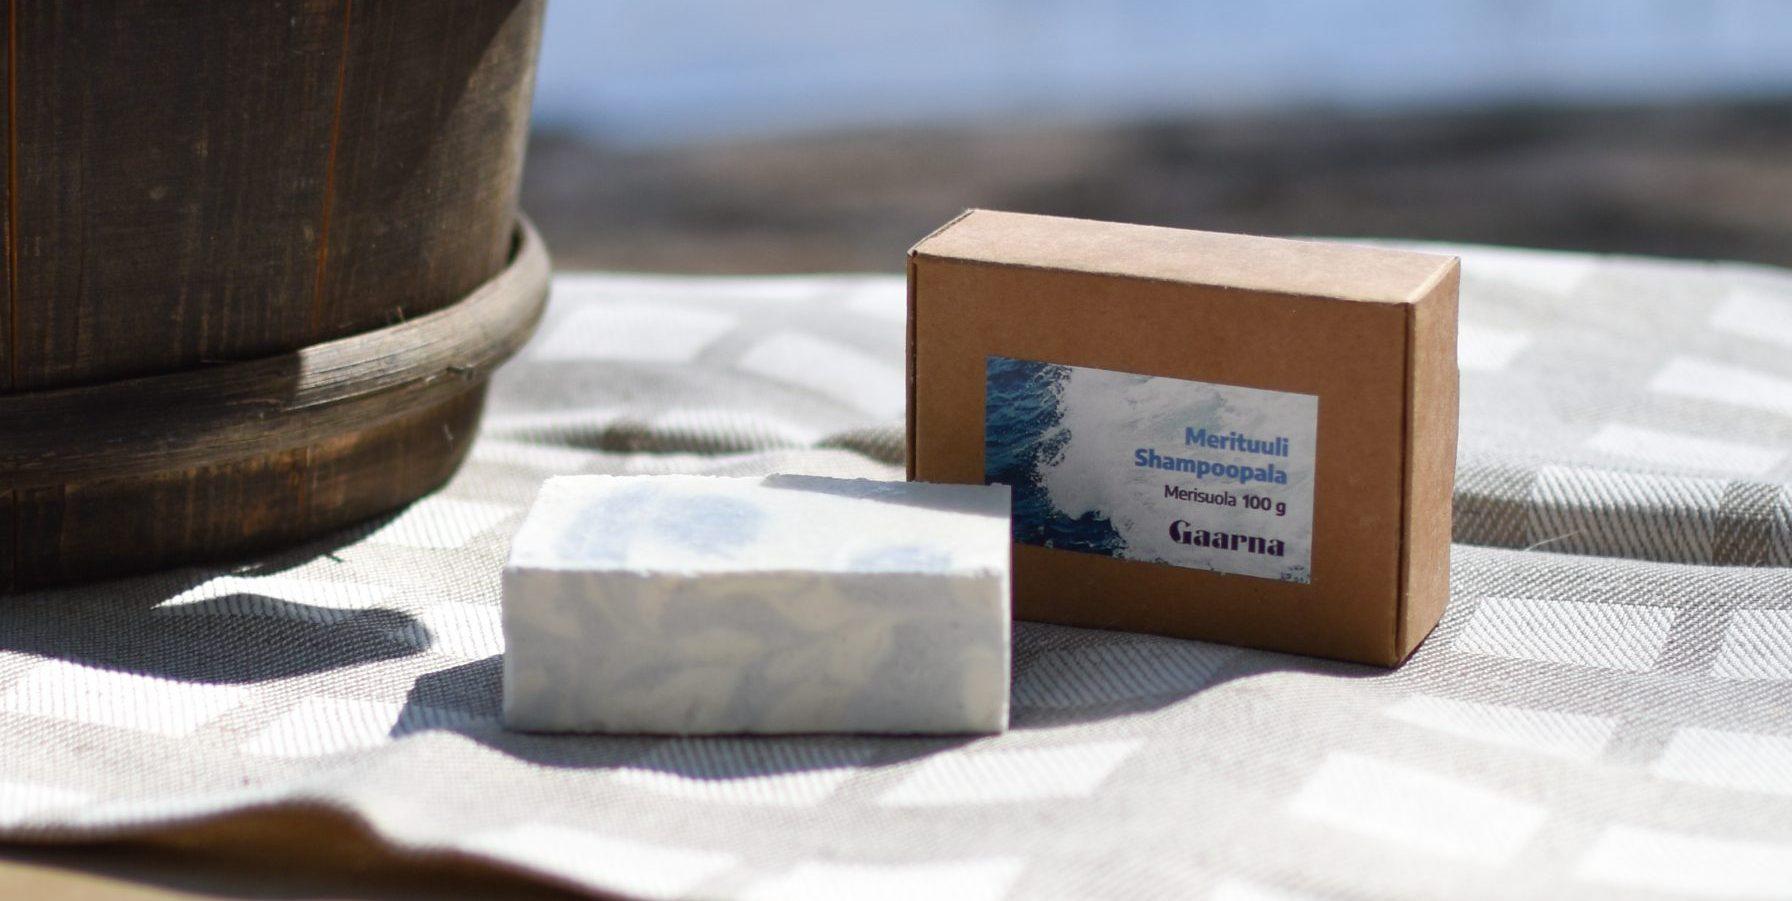 Merituuli shampoopala, Gaarna